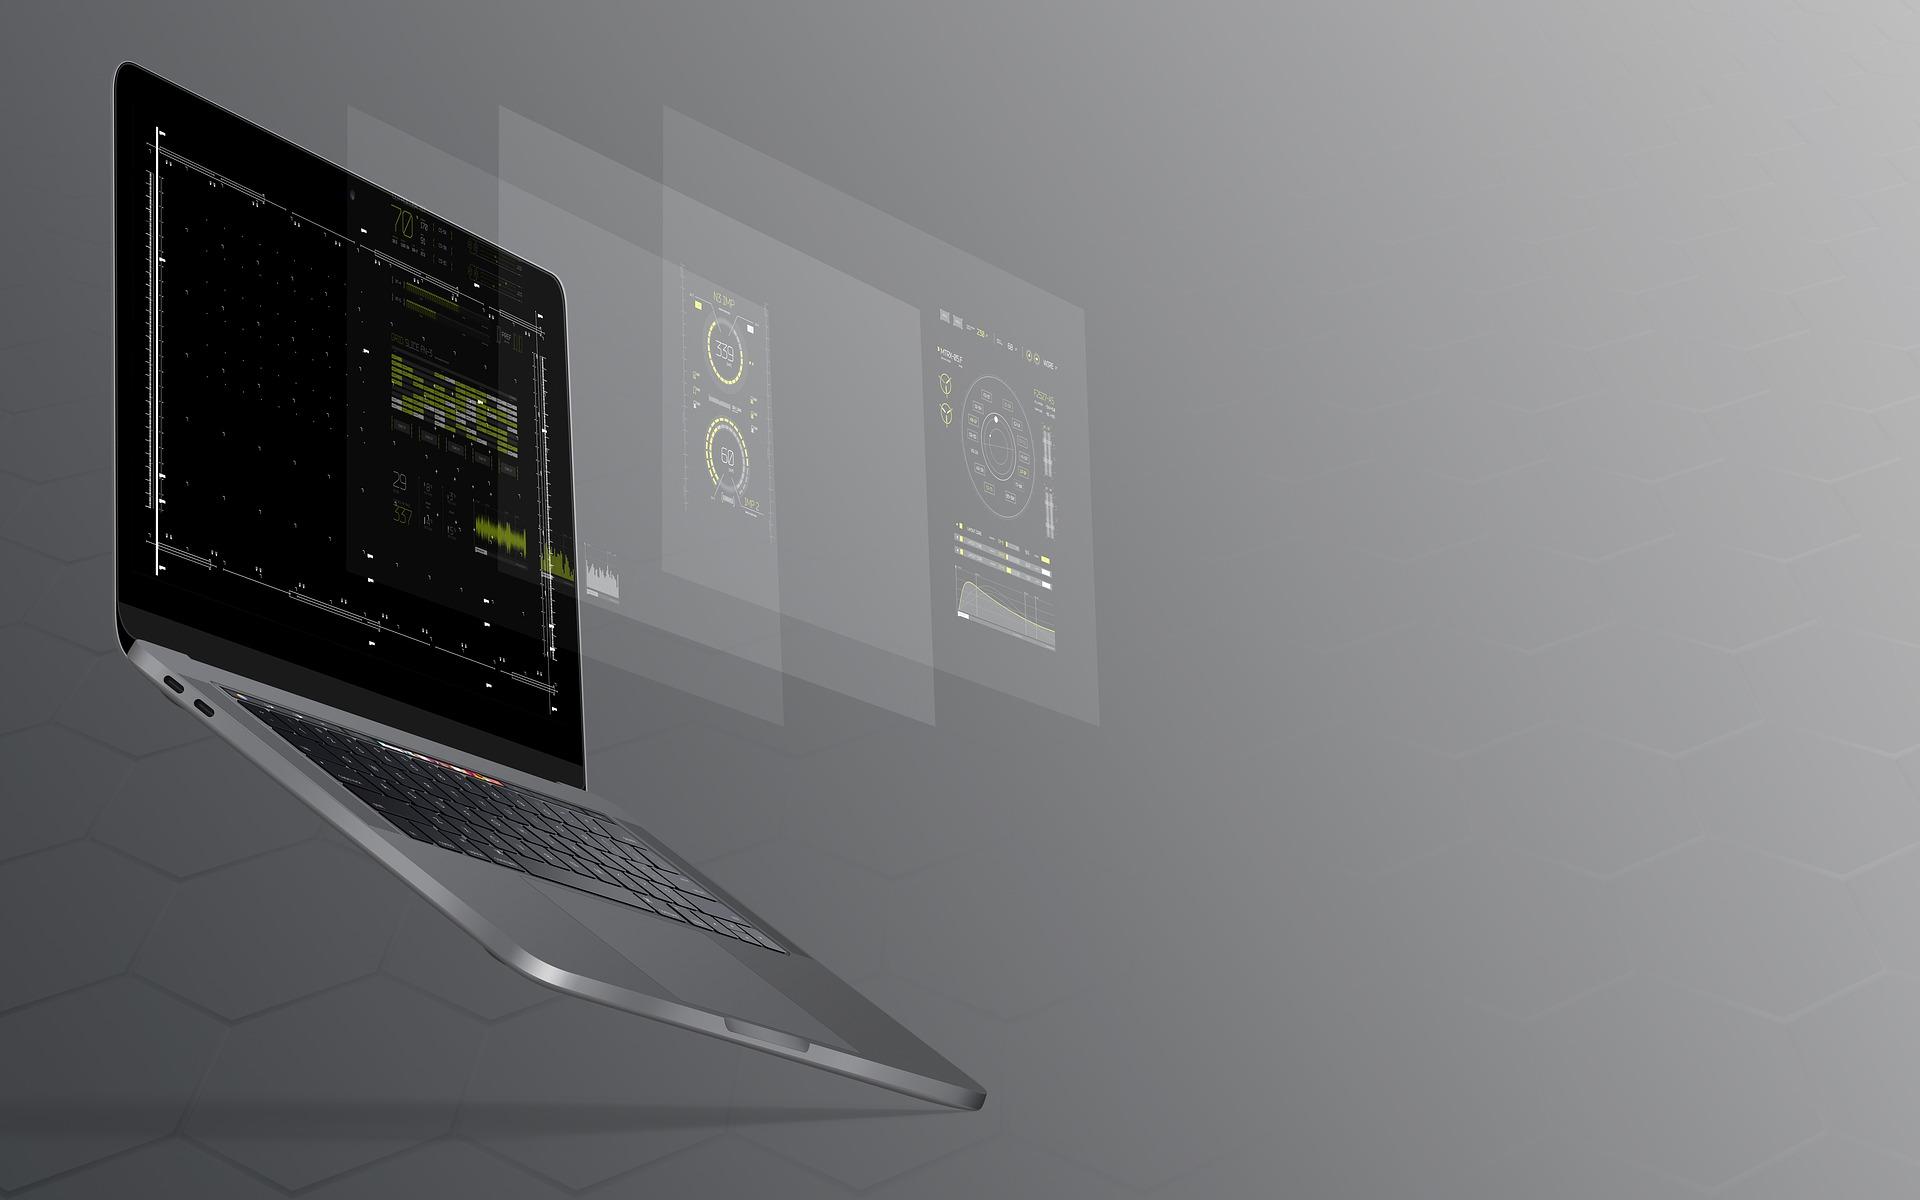 Как установить и настроить IDS на хосте AIDE в RHEL 8 / CentOS 8